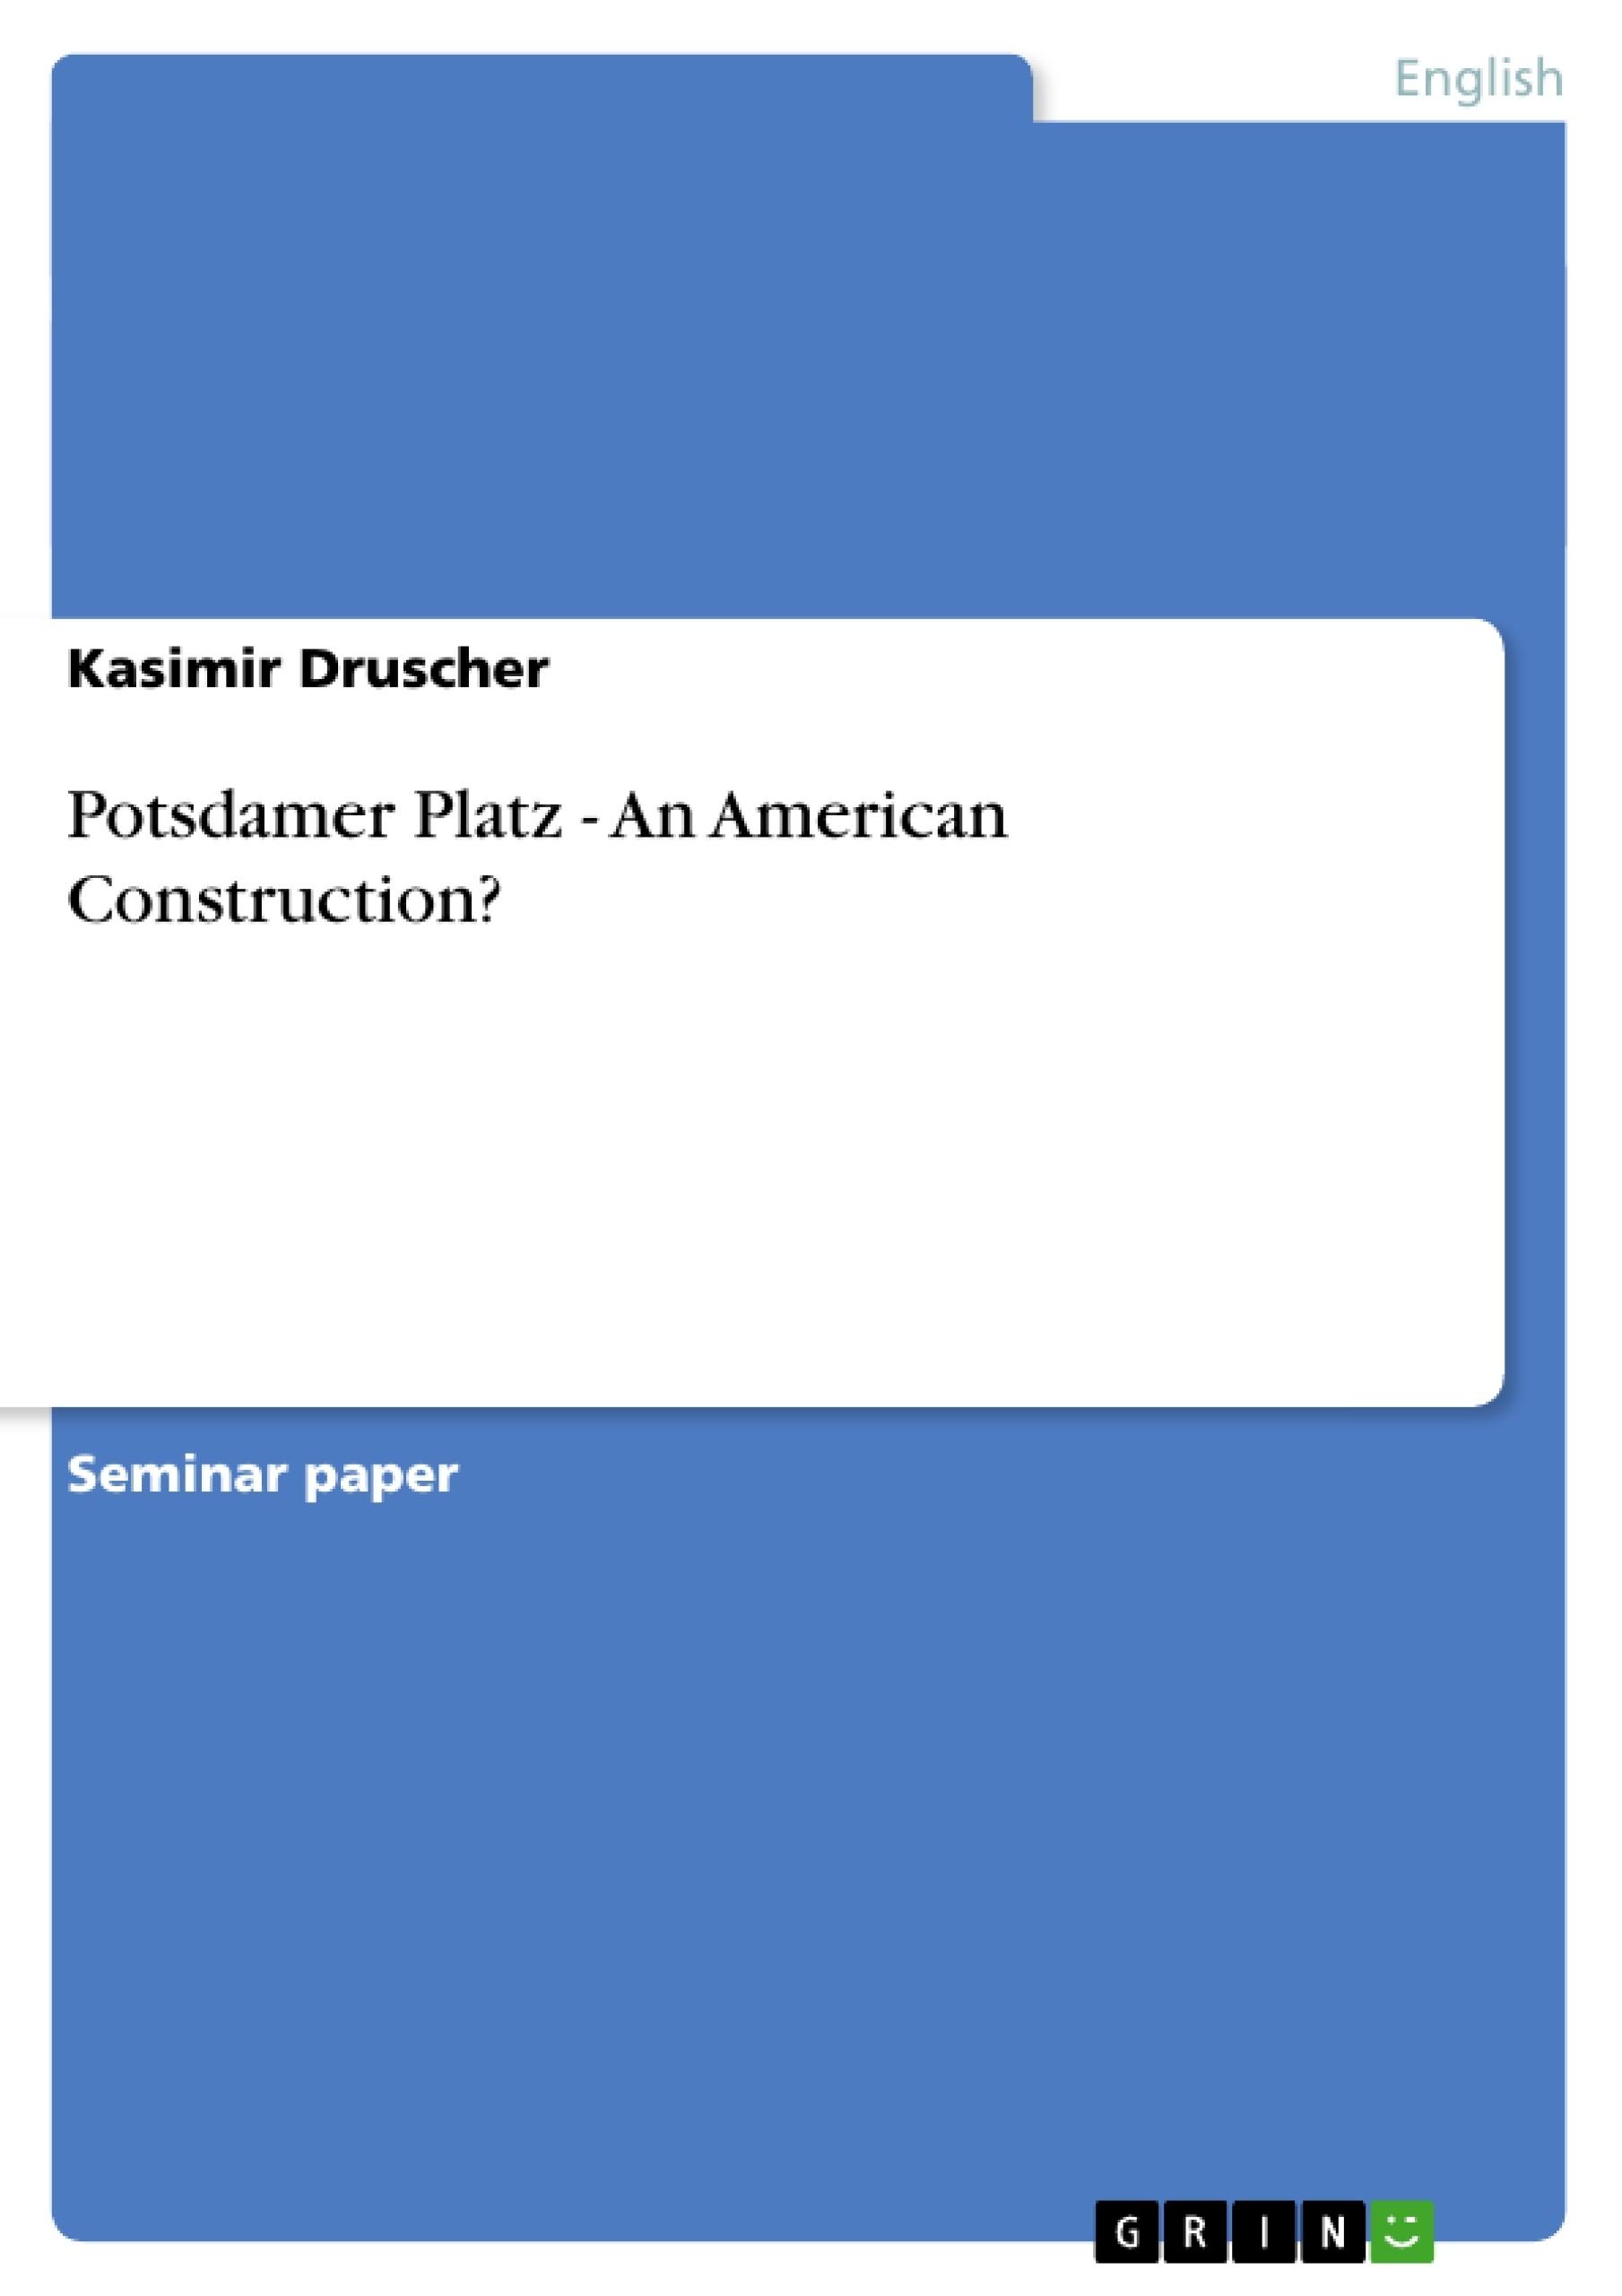 Title: Potsdamer Platz - An American Construction?